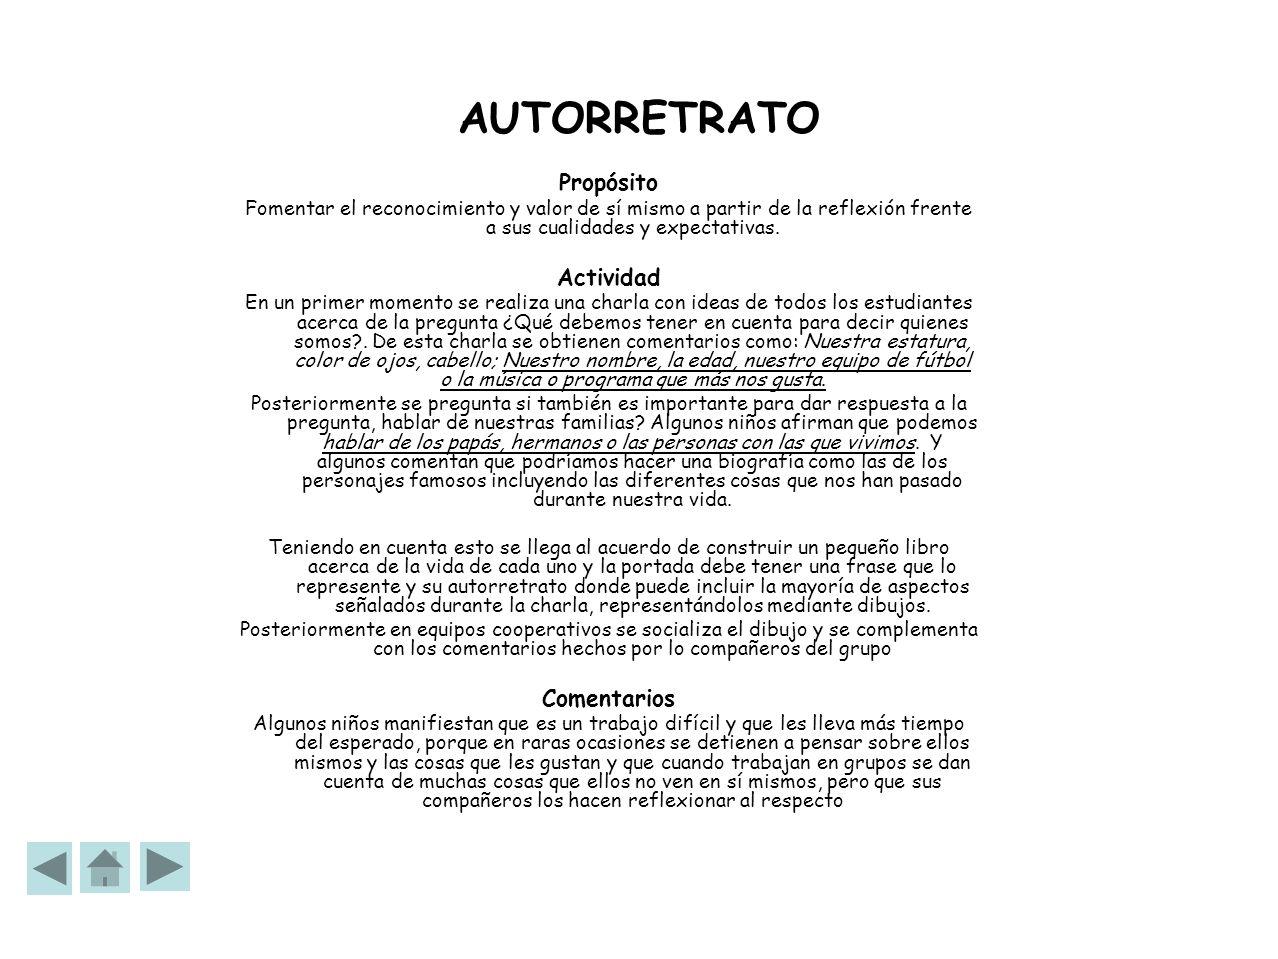 AUTORRETRATO Propósito Actividad Comentarios